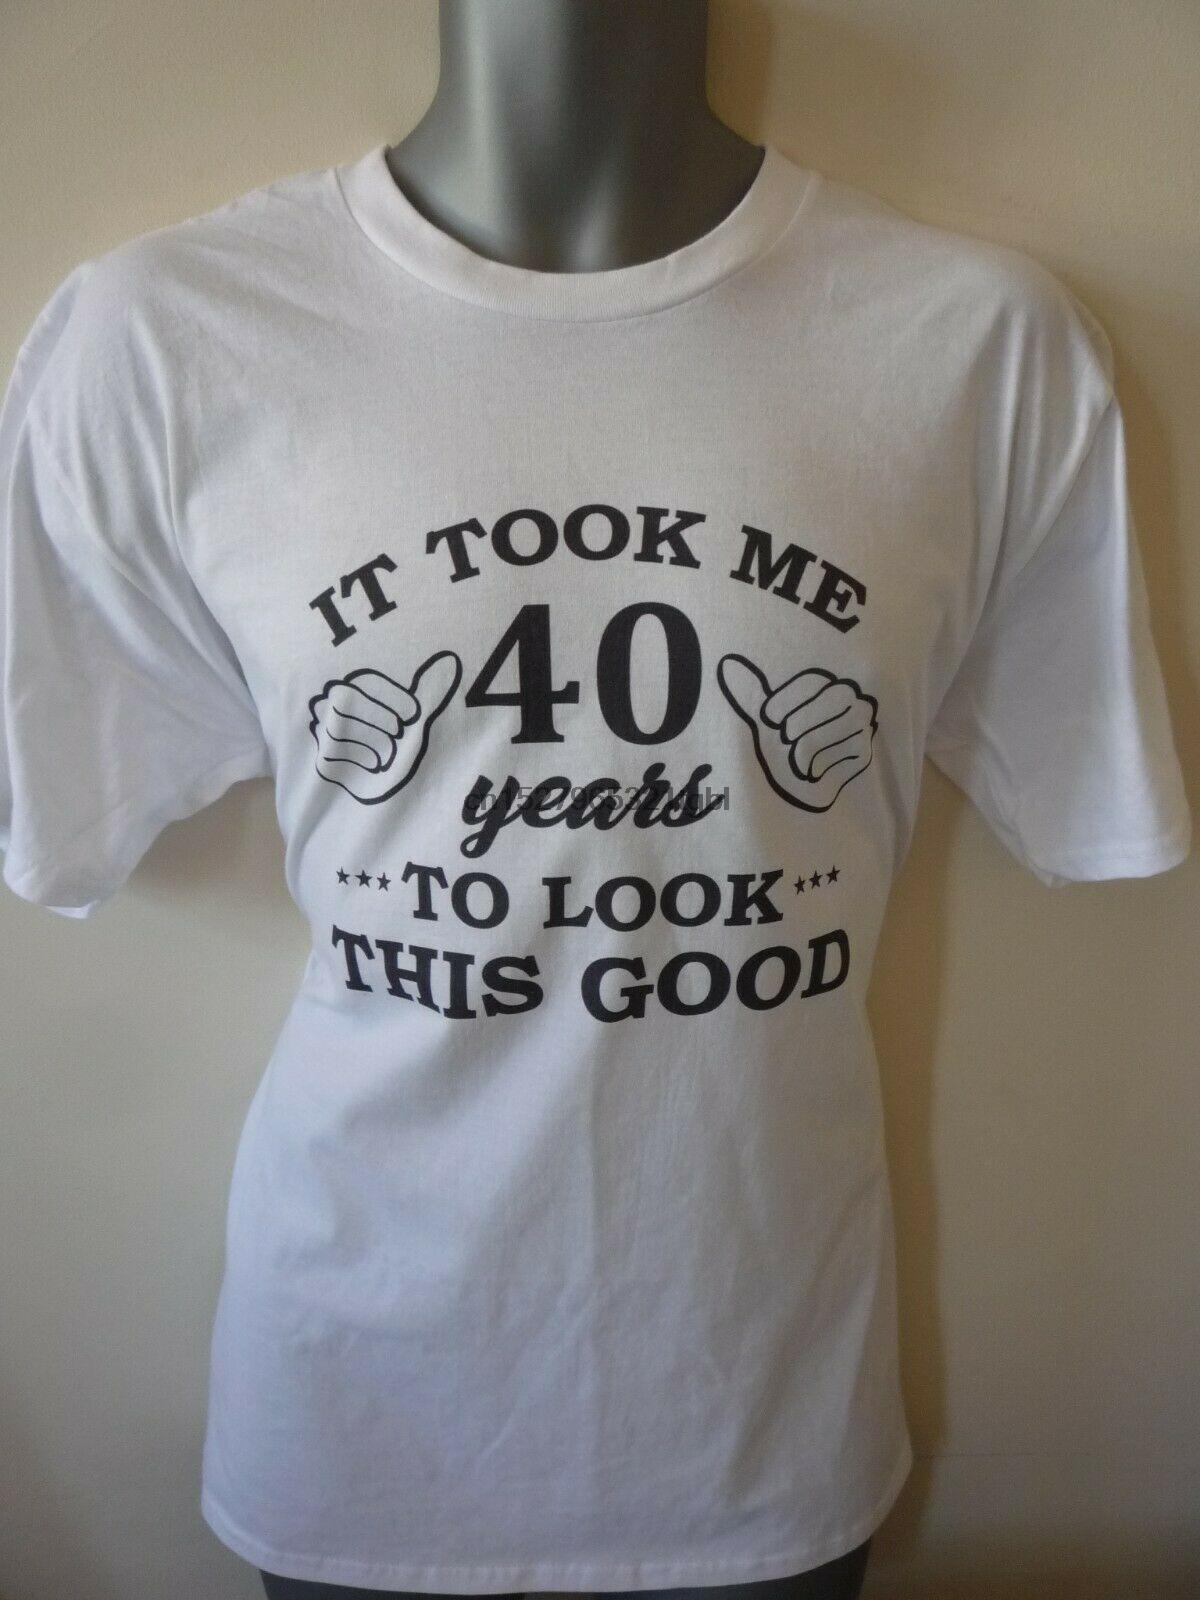 Это заняло у меня 40 50 60 лет, чтобы посмотреть это Добро Выберите любой возраст подарок на день рождения Смешное